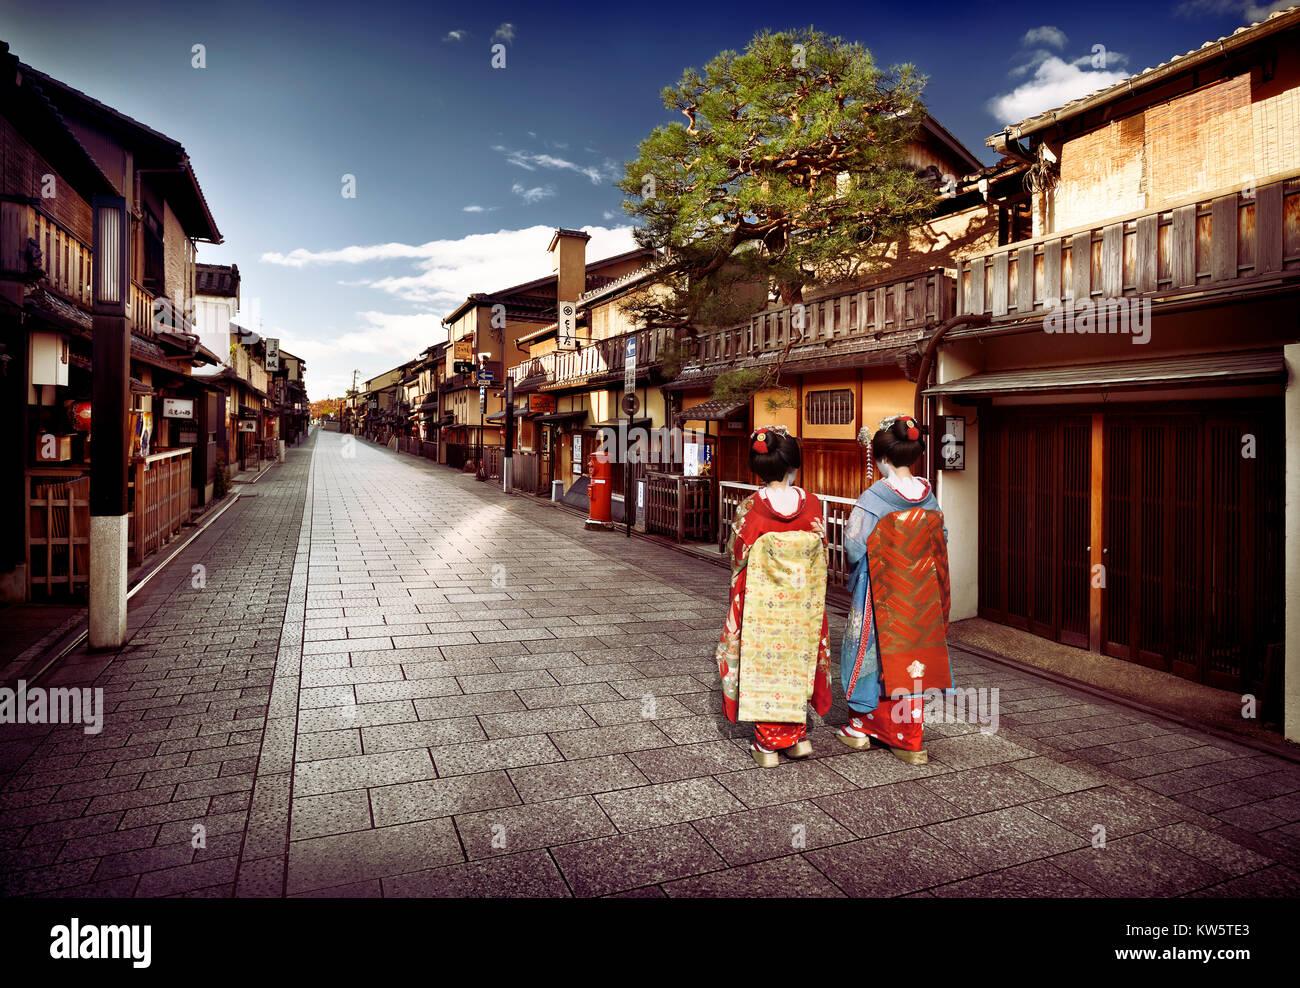 Dos aprendices de geisha, Maiko en el hermoso colorido kimono obi con largos paseos a lo largo de vacío Hanamikoji Imagen De Stock